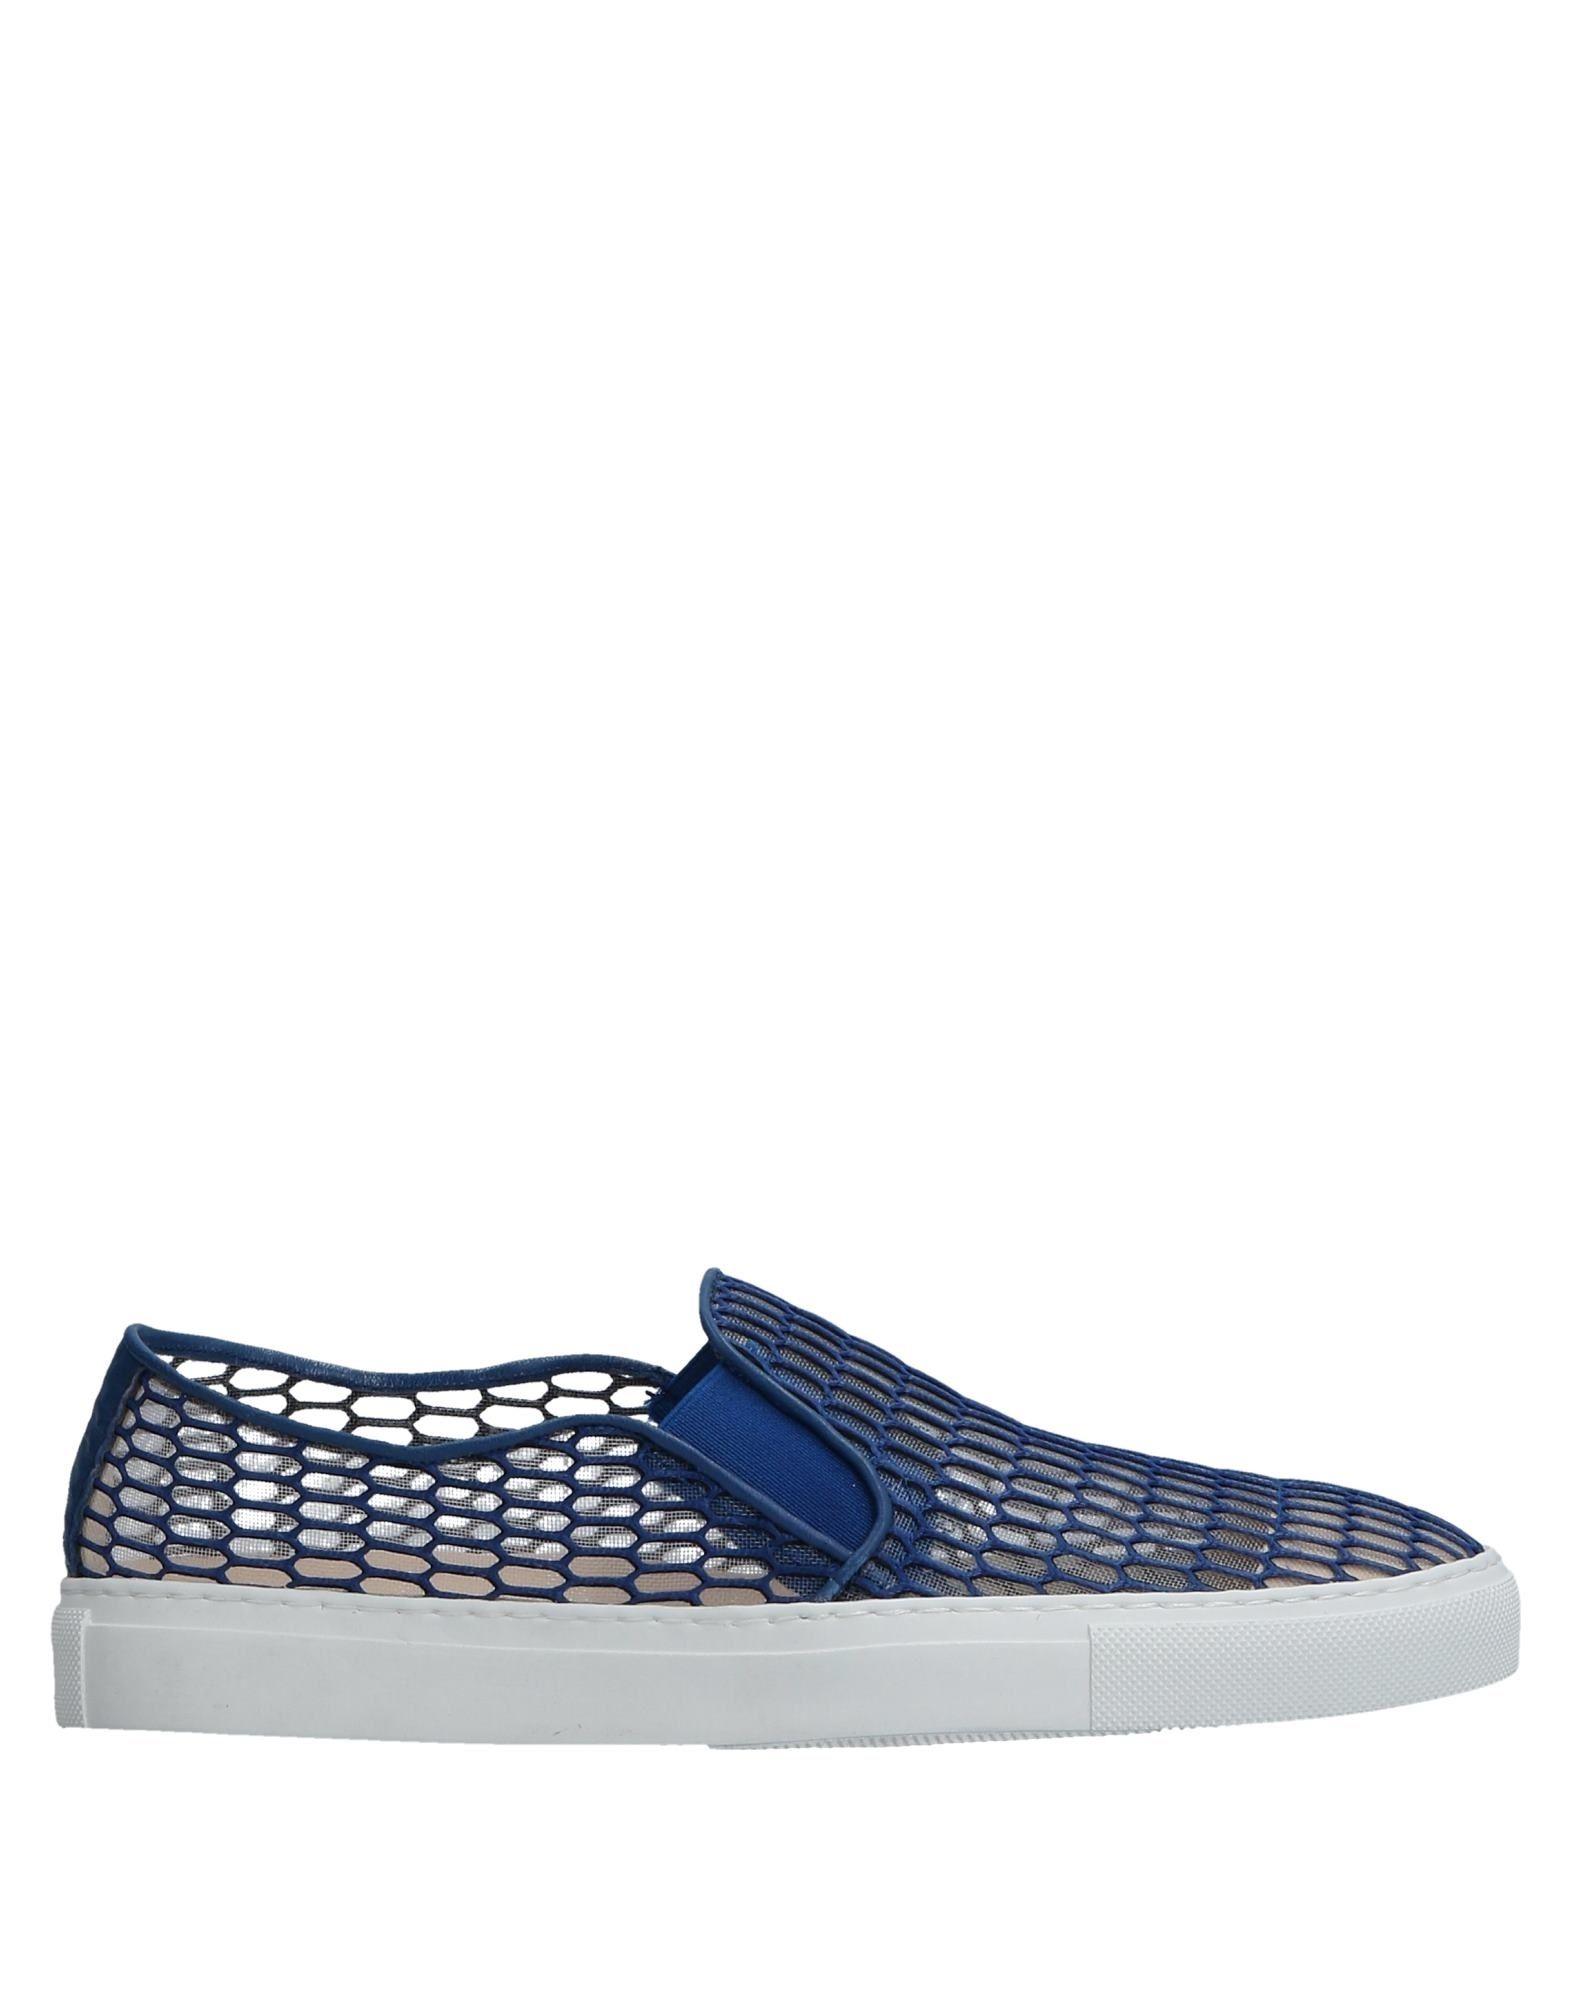 Sneakers Ras Donna - 11147921KV Scarpe economiche e buone